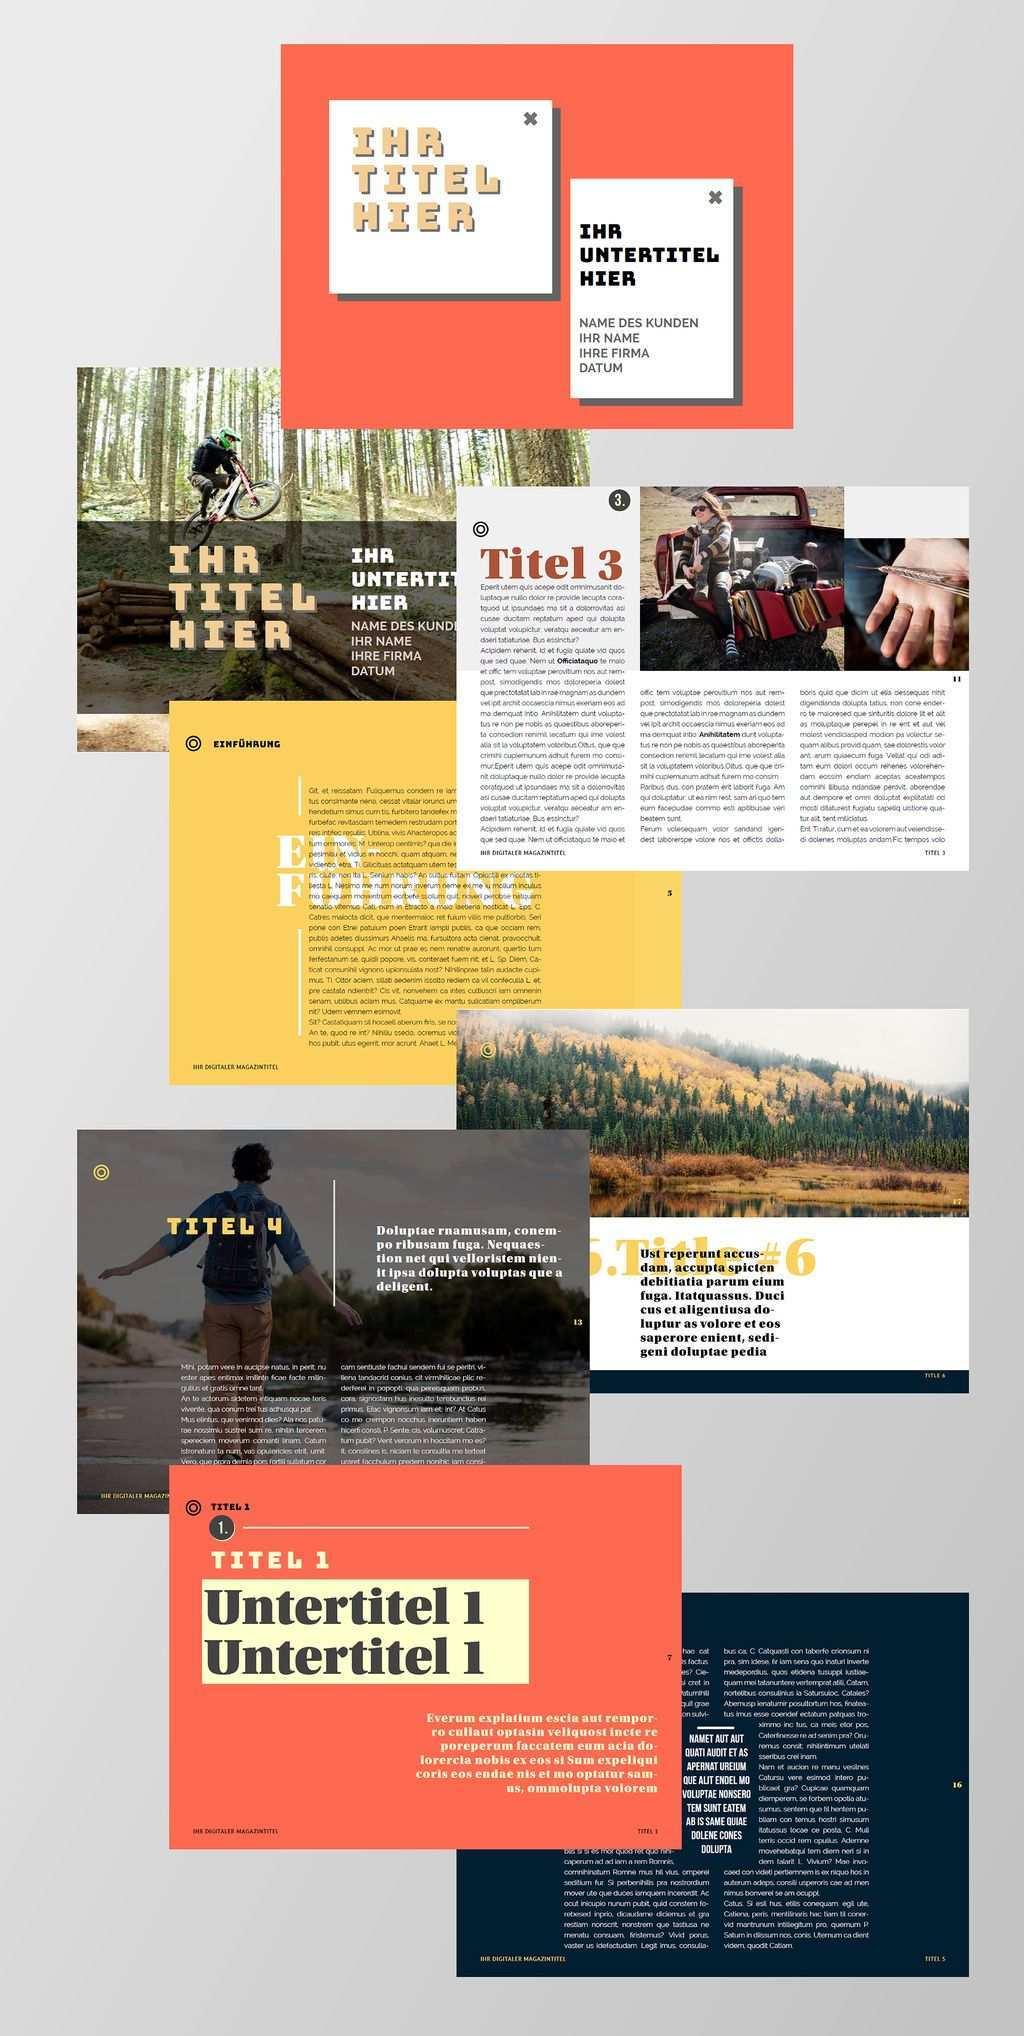 Kostenlose Indesign Vorlagen Fur Magazine Creative Connection Indesign Vorlagen Indesign Vorlage Vorlagen